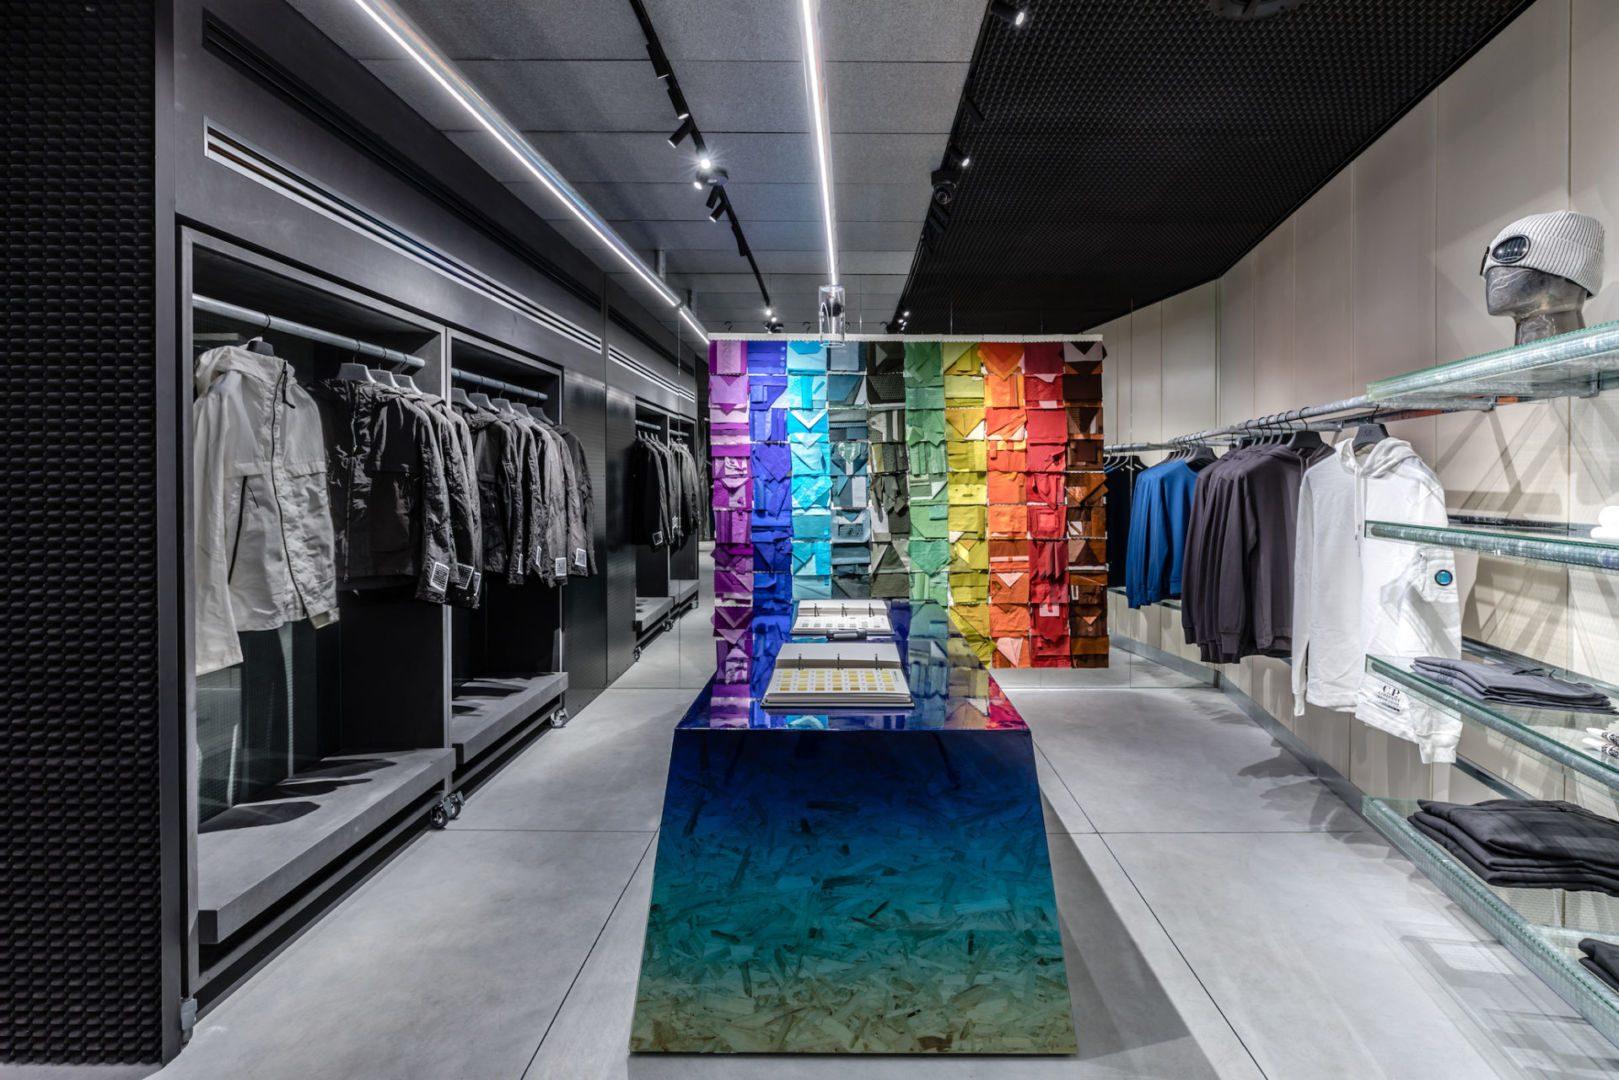 Benvenuti a Milano – Der neue C.P. Company öffnet seine Pforten